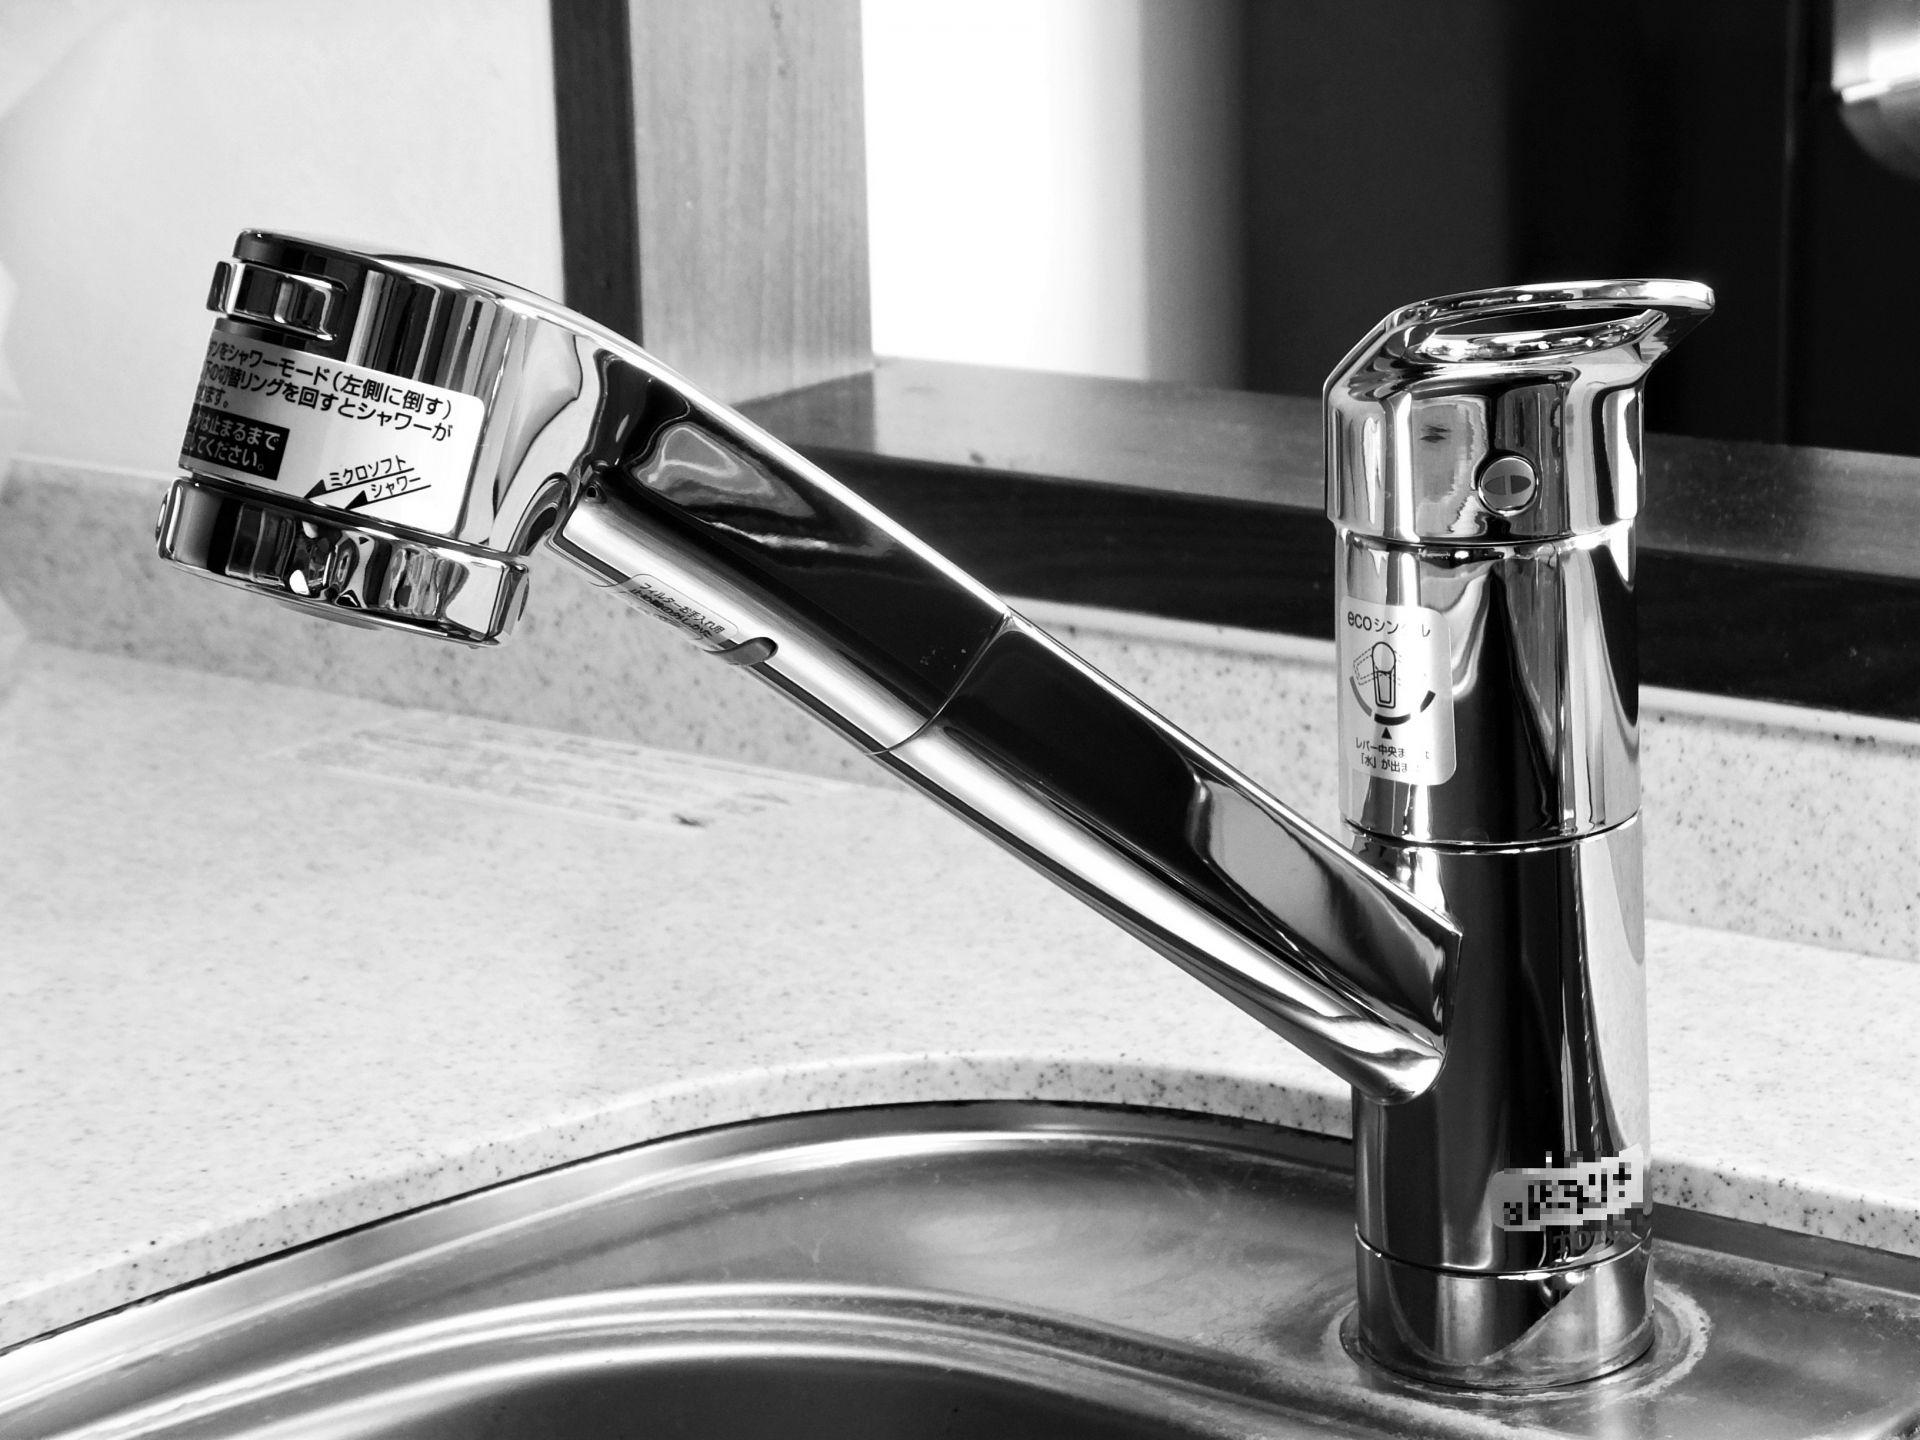 「シングルレバー混合水栓」とは何か?|誰でもわかるリノベ用語集 画像